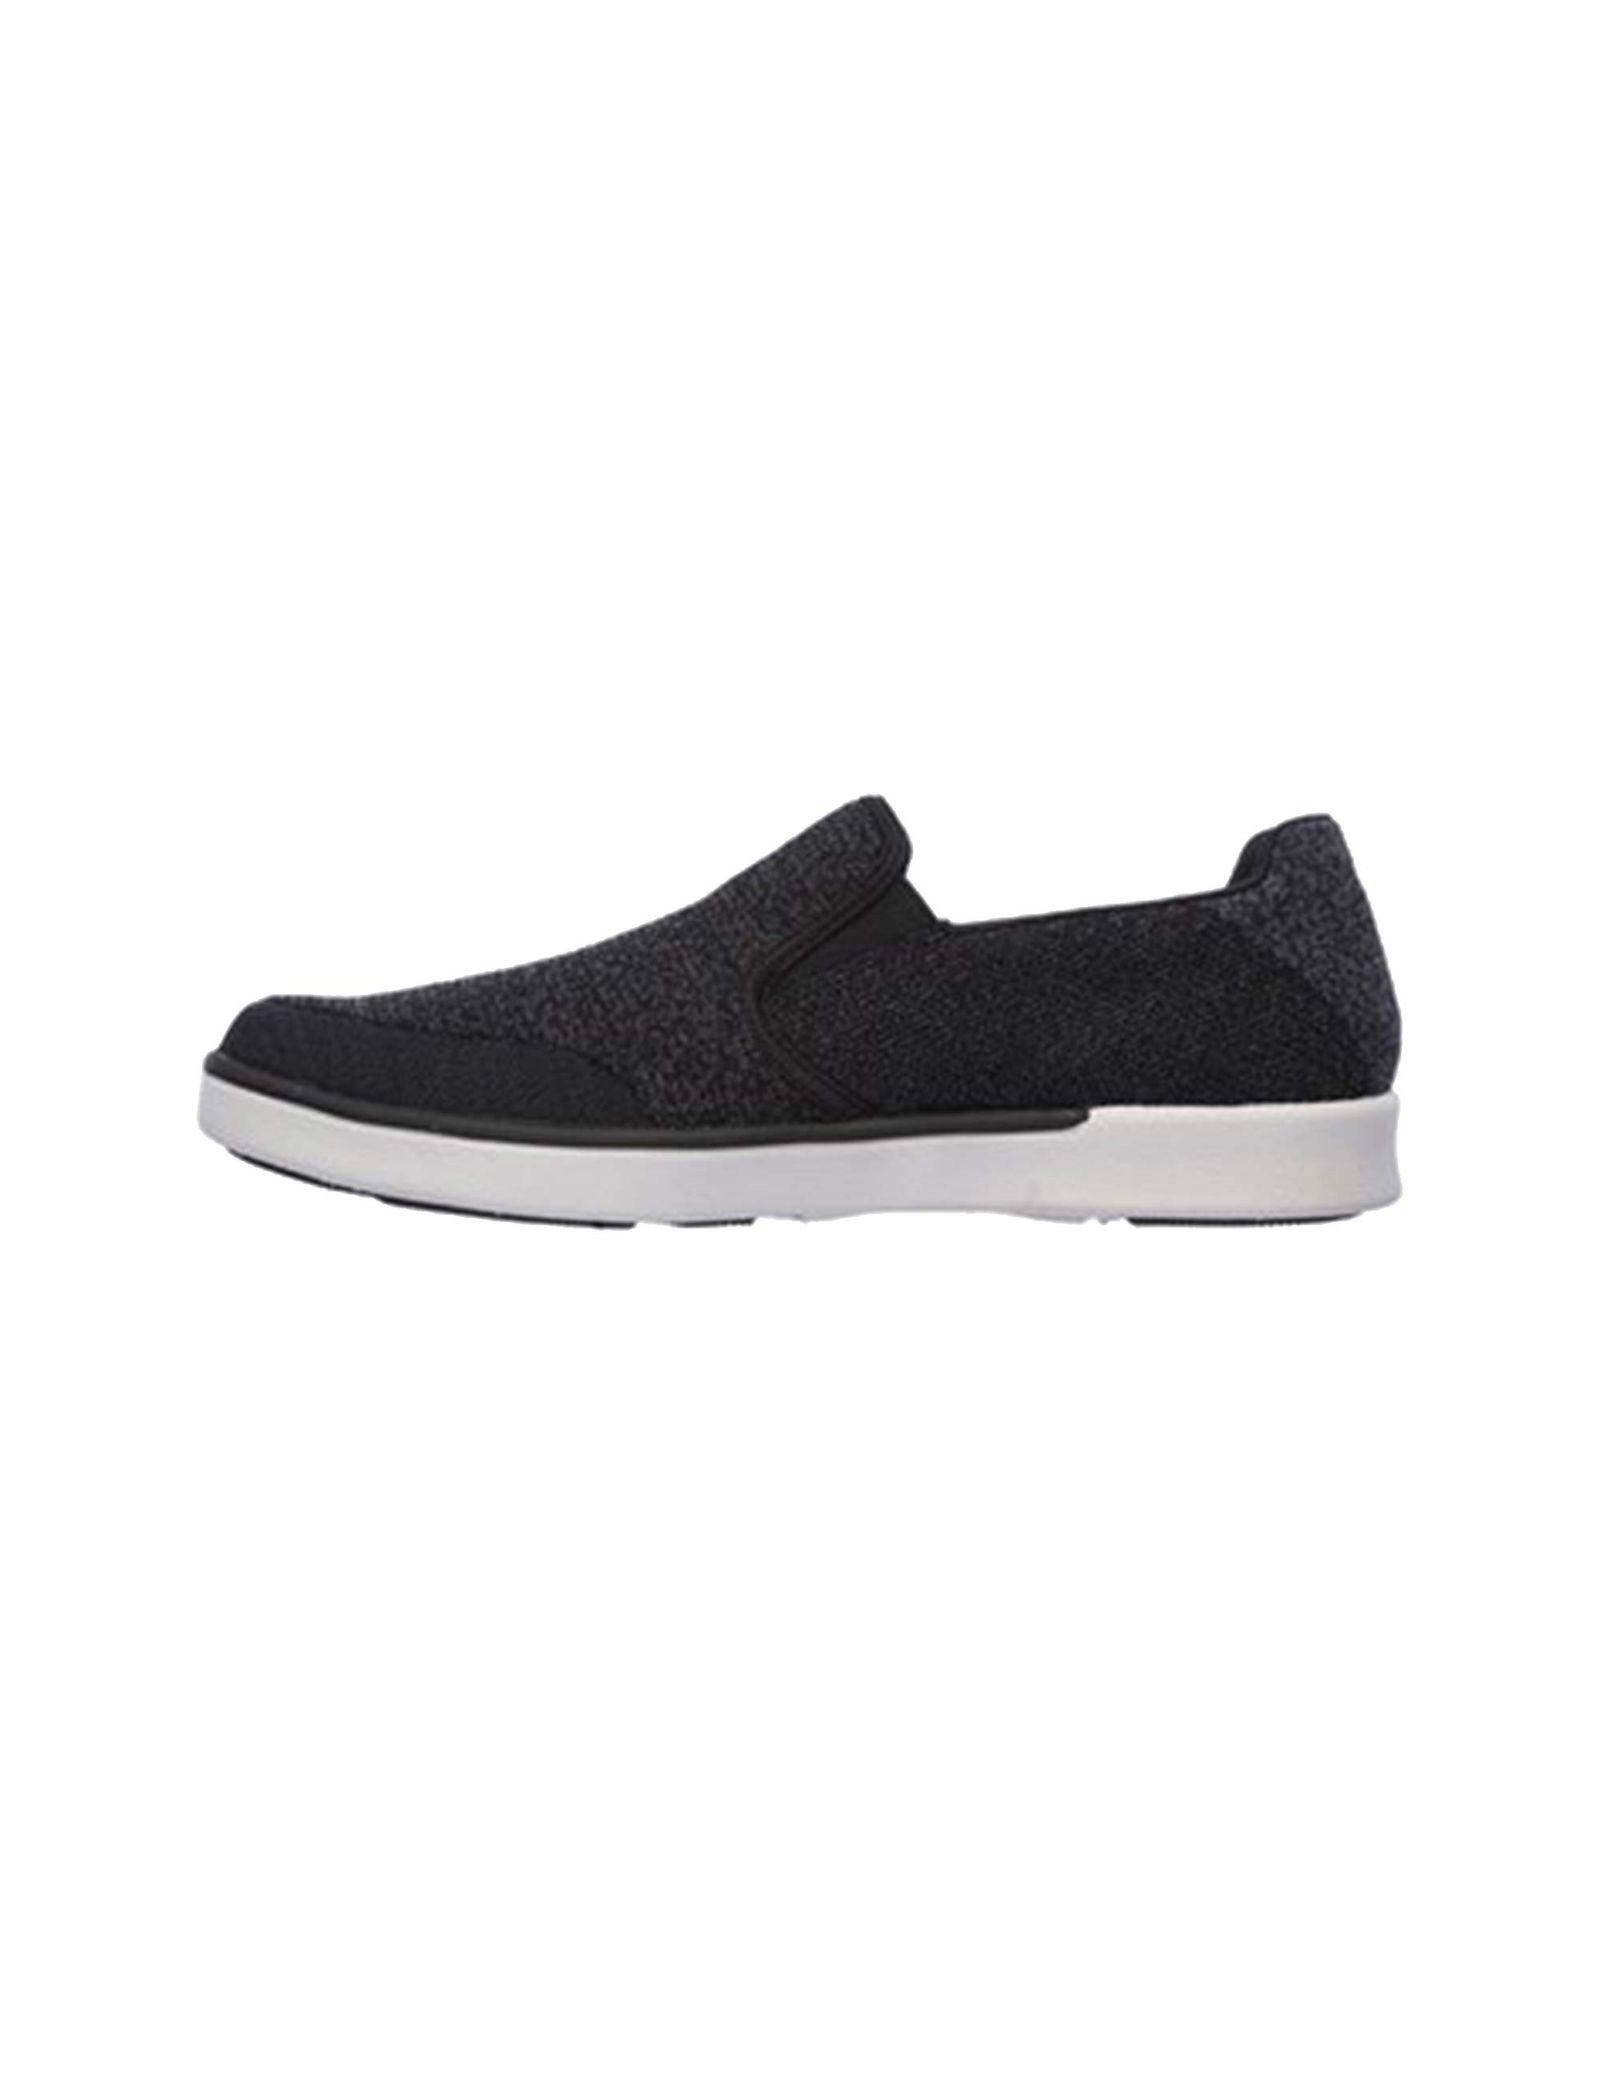 کفش راحتی پارچه ای مردانه Boyar Meber - اسکچرز - مشکي - 5